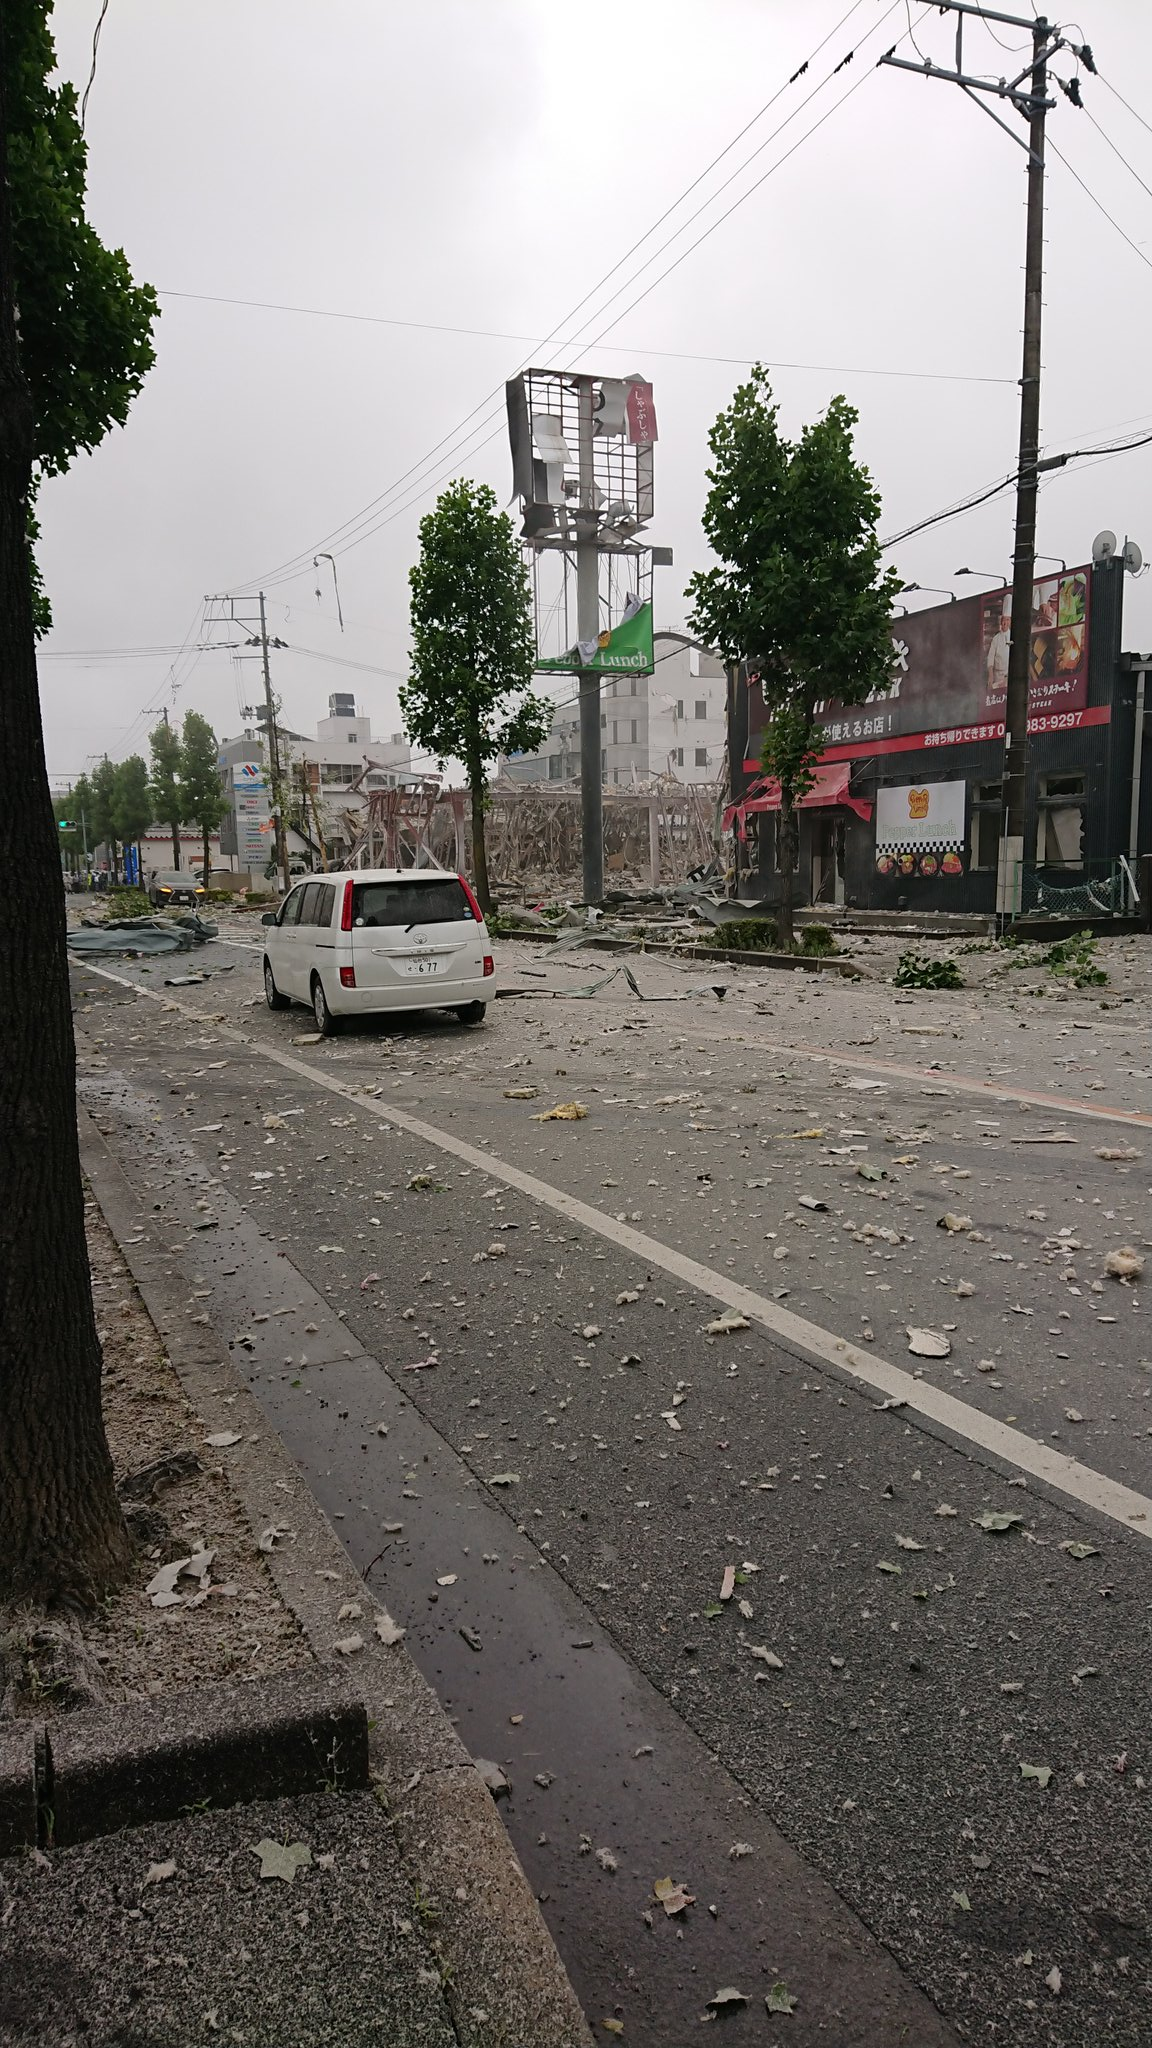 しゃぶしゃぶ温野菜 郡山新さくら通り店の爆発事故の画像